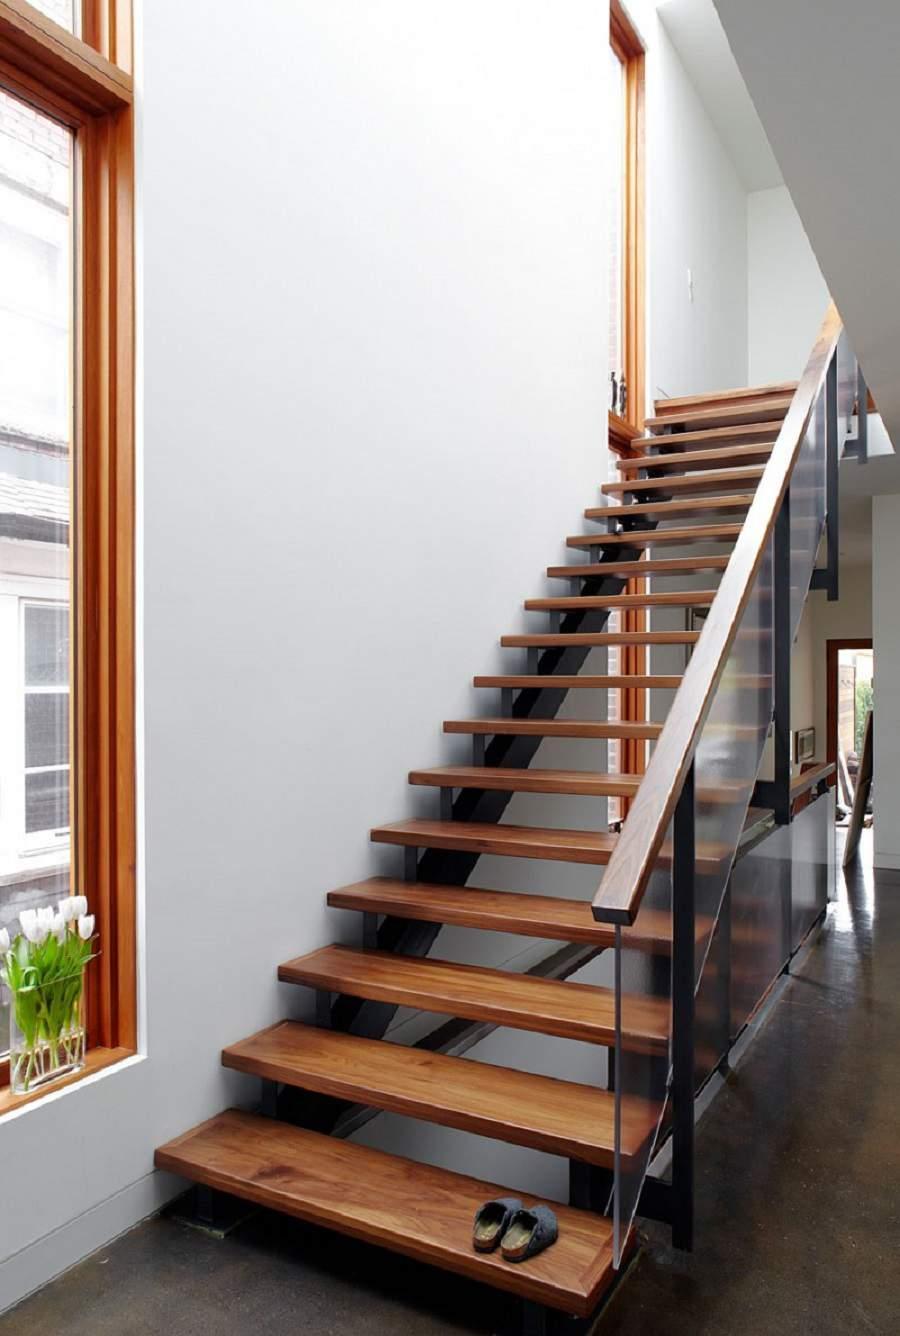 Những tay vịn cầu thang gỗ vuông đơn giản